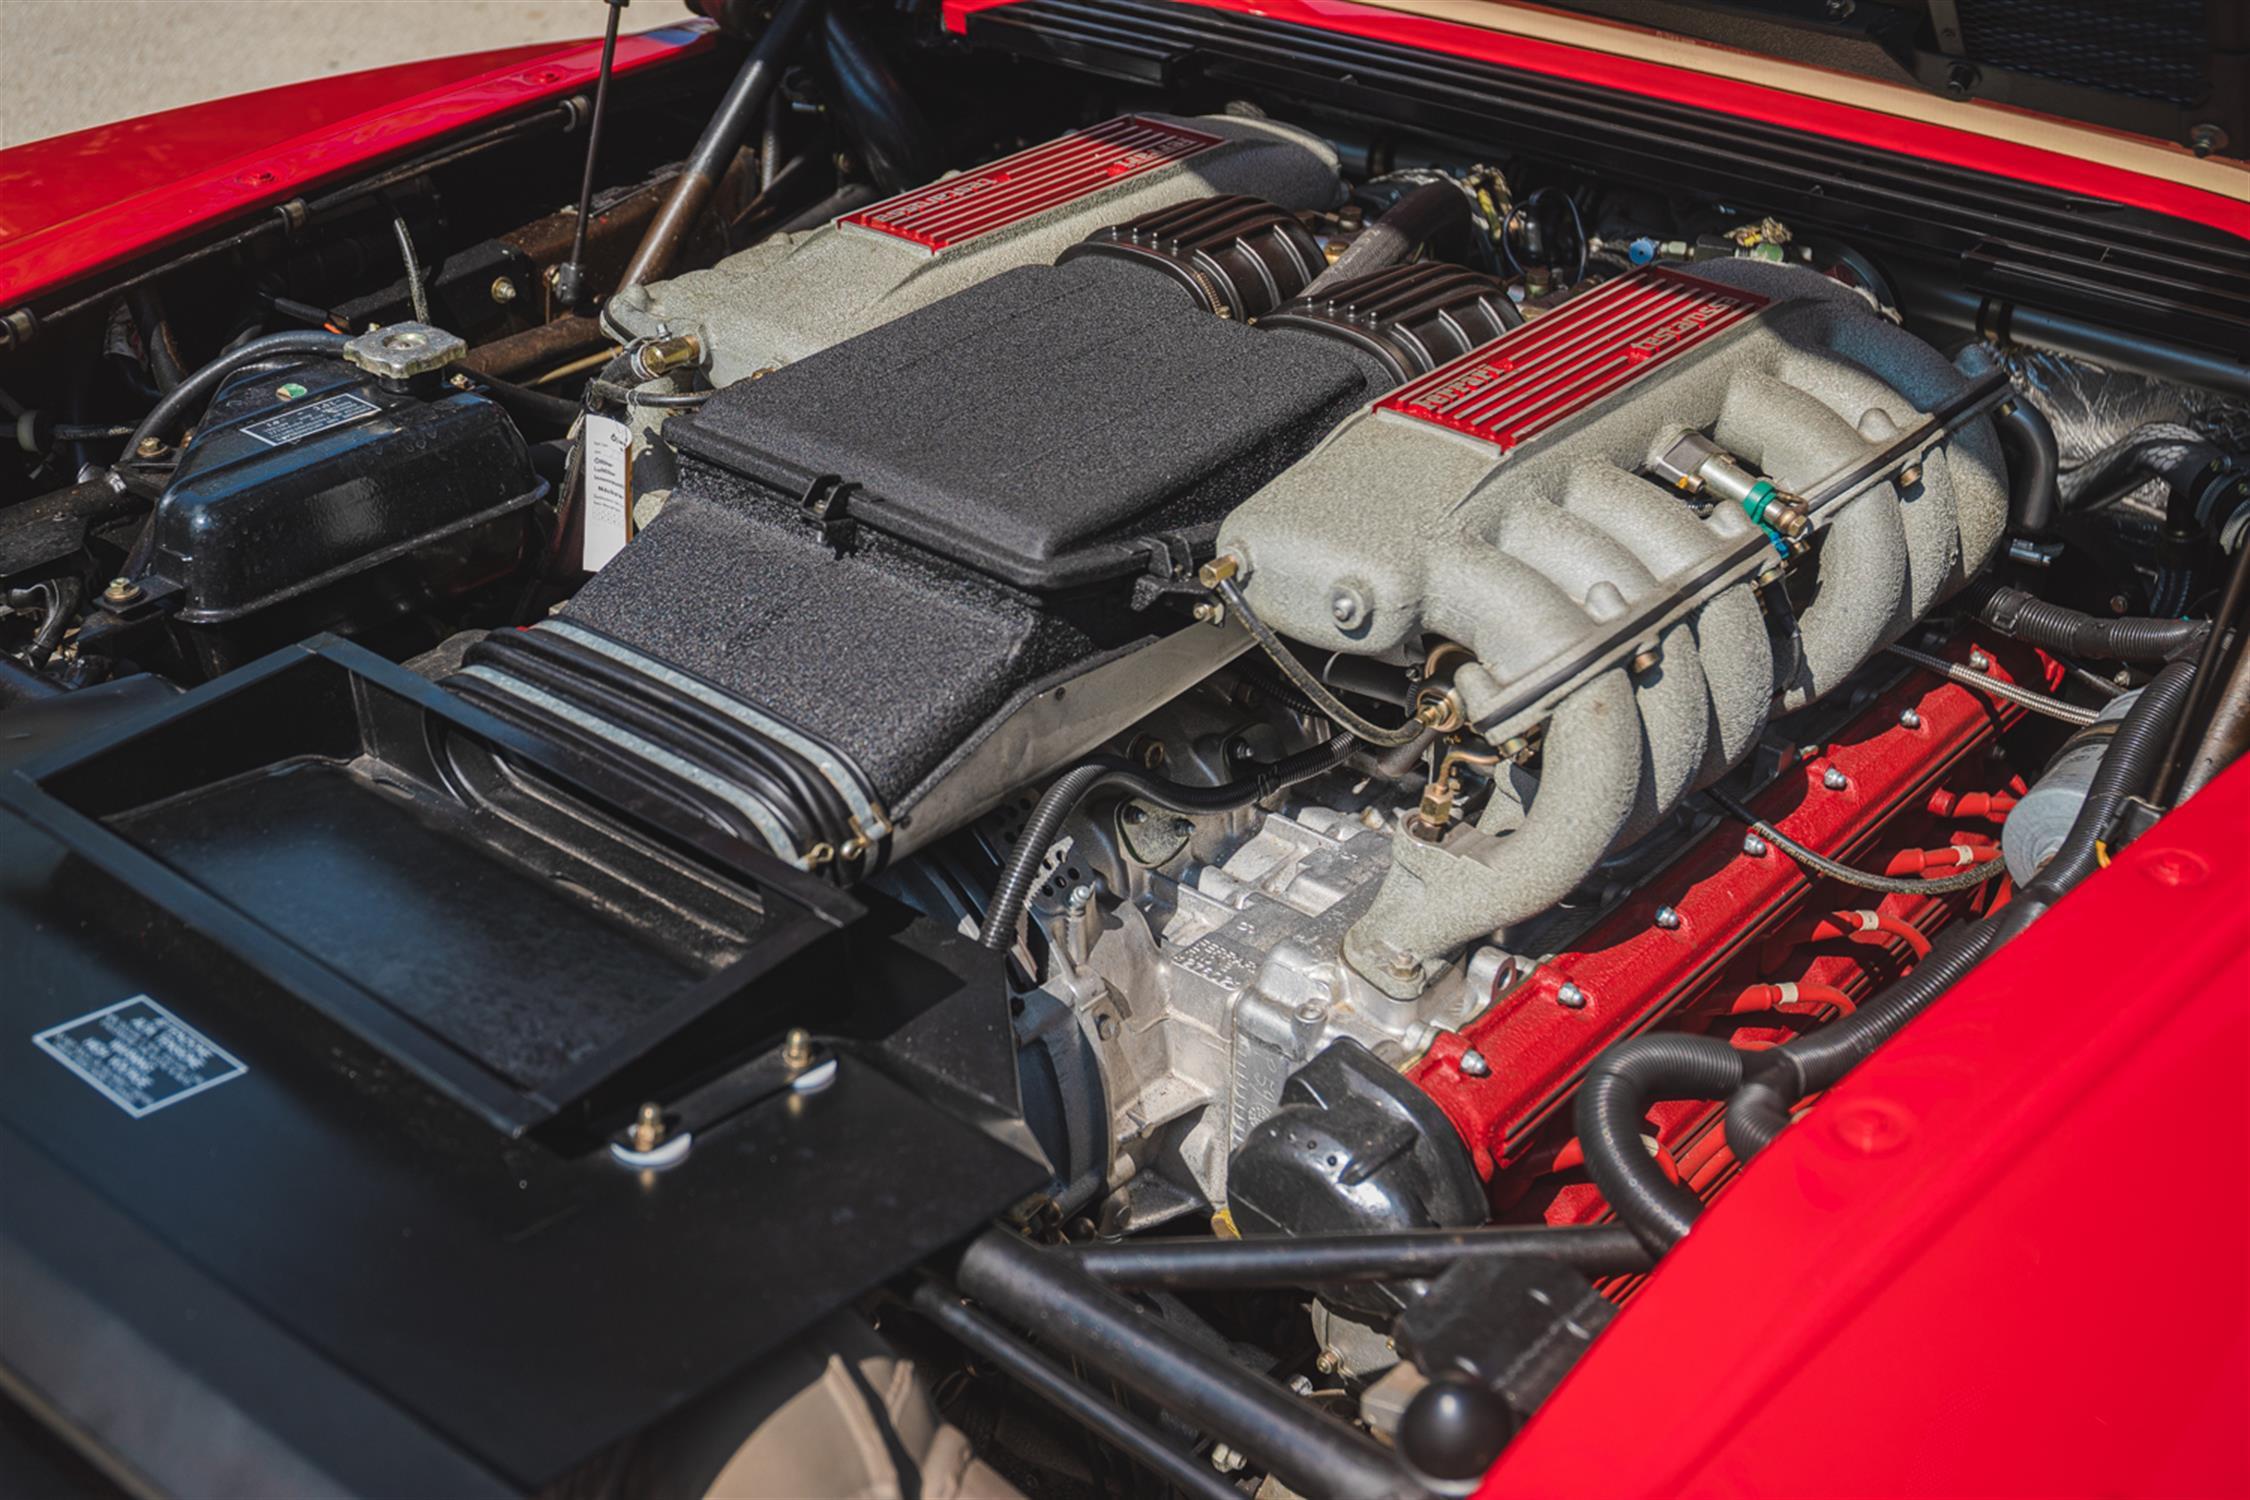 1991 Ferrari Testarossa - 1,829 Kilometres From New & Classiche'd - Image 13 of 15